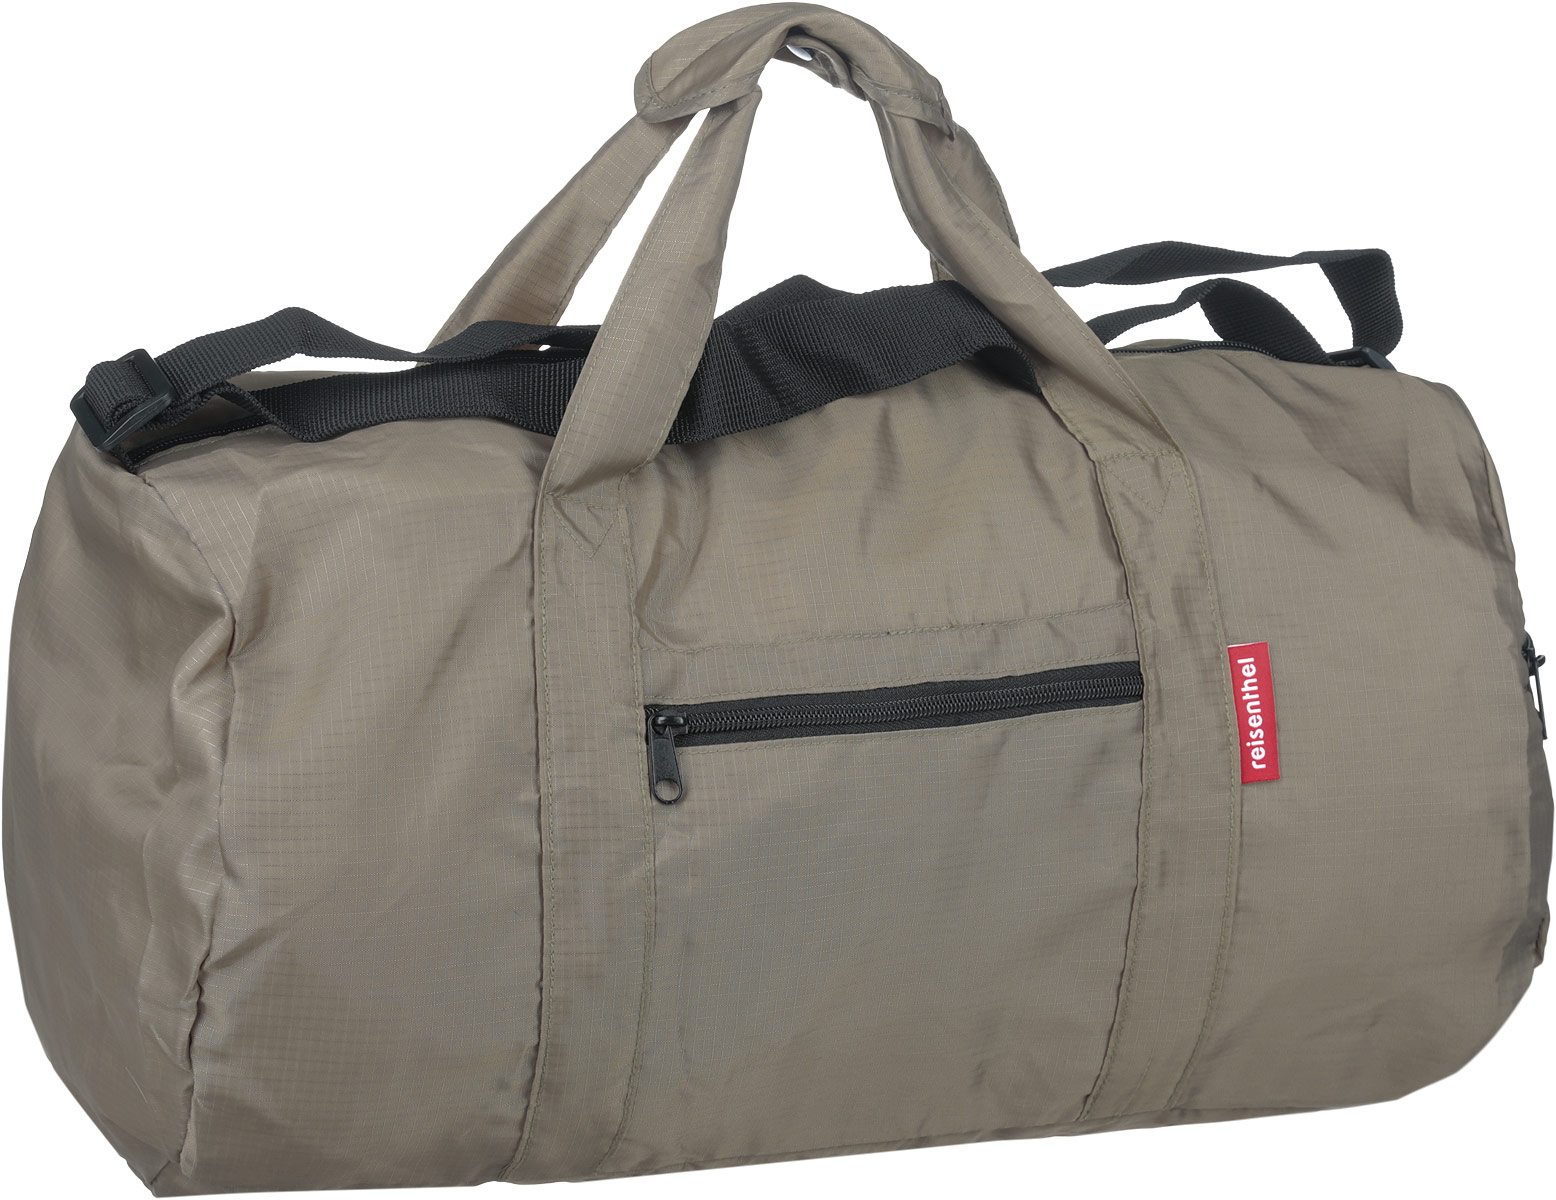 Сумка дорожная Reisenthel, складная, цвет: серо-оливковый. AM7031ГризлиСтильная дорожная сумка Reisenthel выполнена из текстиля. Изделие имеет одно отделение, которое закрывается на застежку-молнию. Внутри находится нашивной карман на застежке-молнии, в который изделие легко складывается. Снаружи, на передней стенке и сбоку расположены два накладных кармана на застежках-молниях. Сумка оснащена двумя удобными ручками и регулируемым наплечным ремнем.